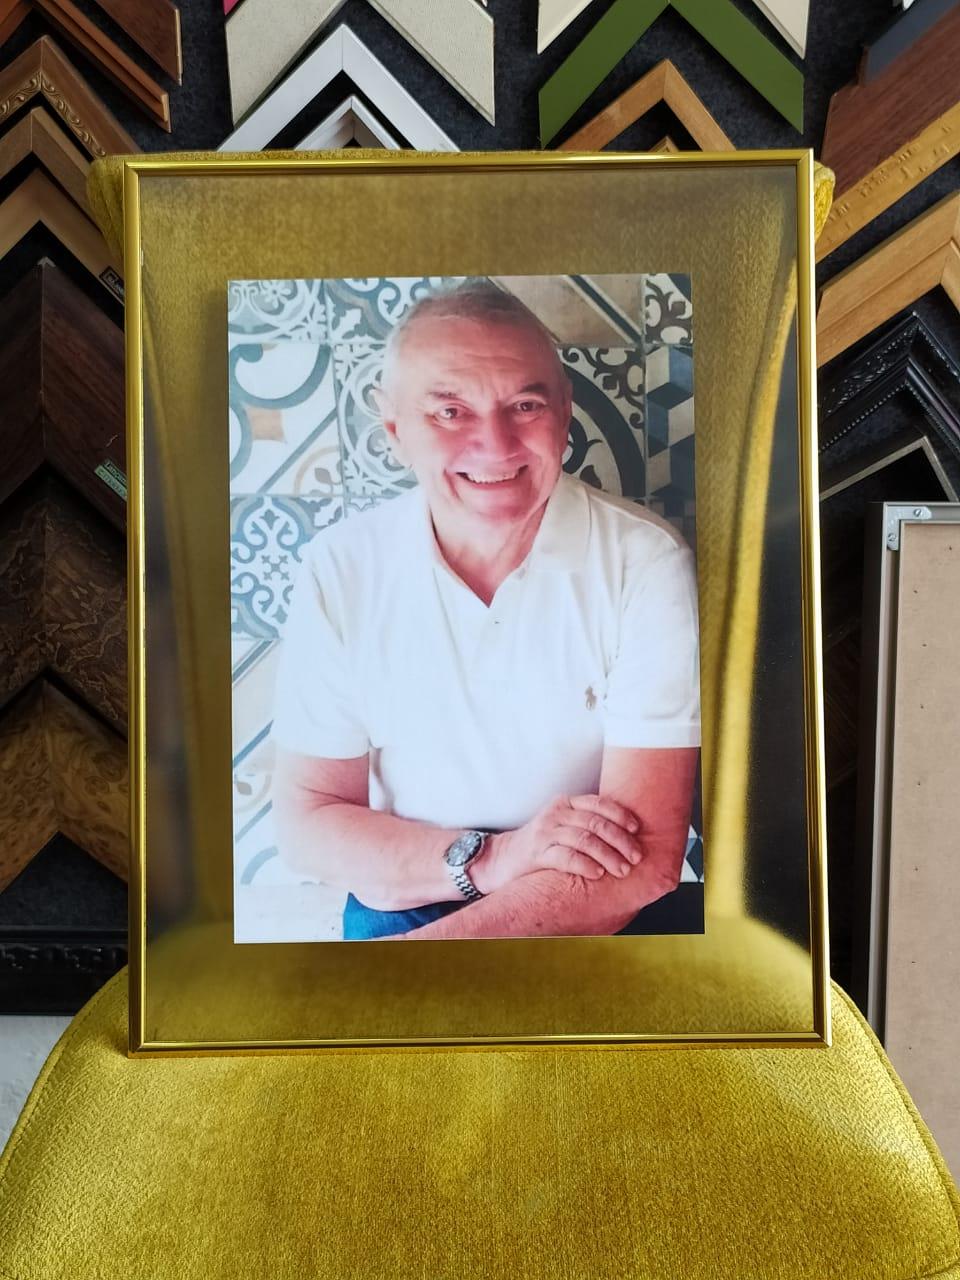 WhatsApp Image 2021 08 19 at 08.50.49 - CAJAZEIRAS, 158 ANOS: Prefeito entrega Unidade de Saúde em homenagem ao ex-prefeito Dr.Olívio e família lembra trajetória de dedicação